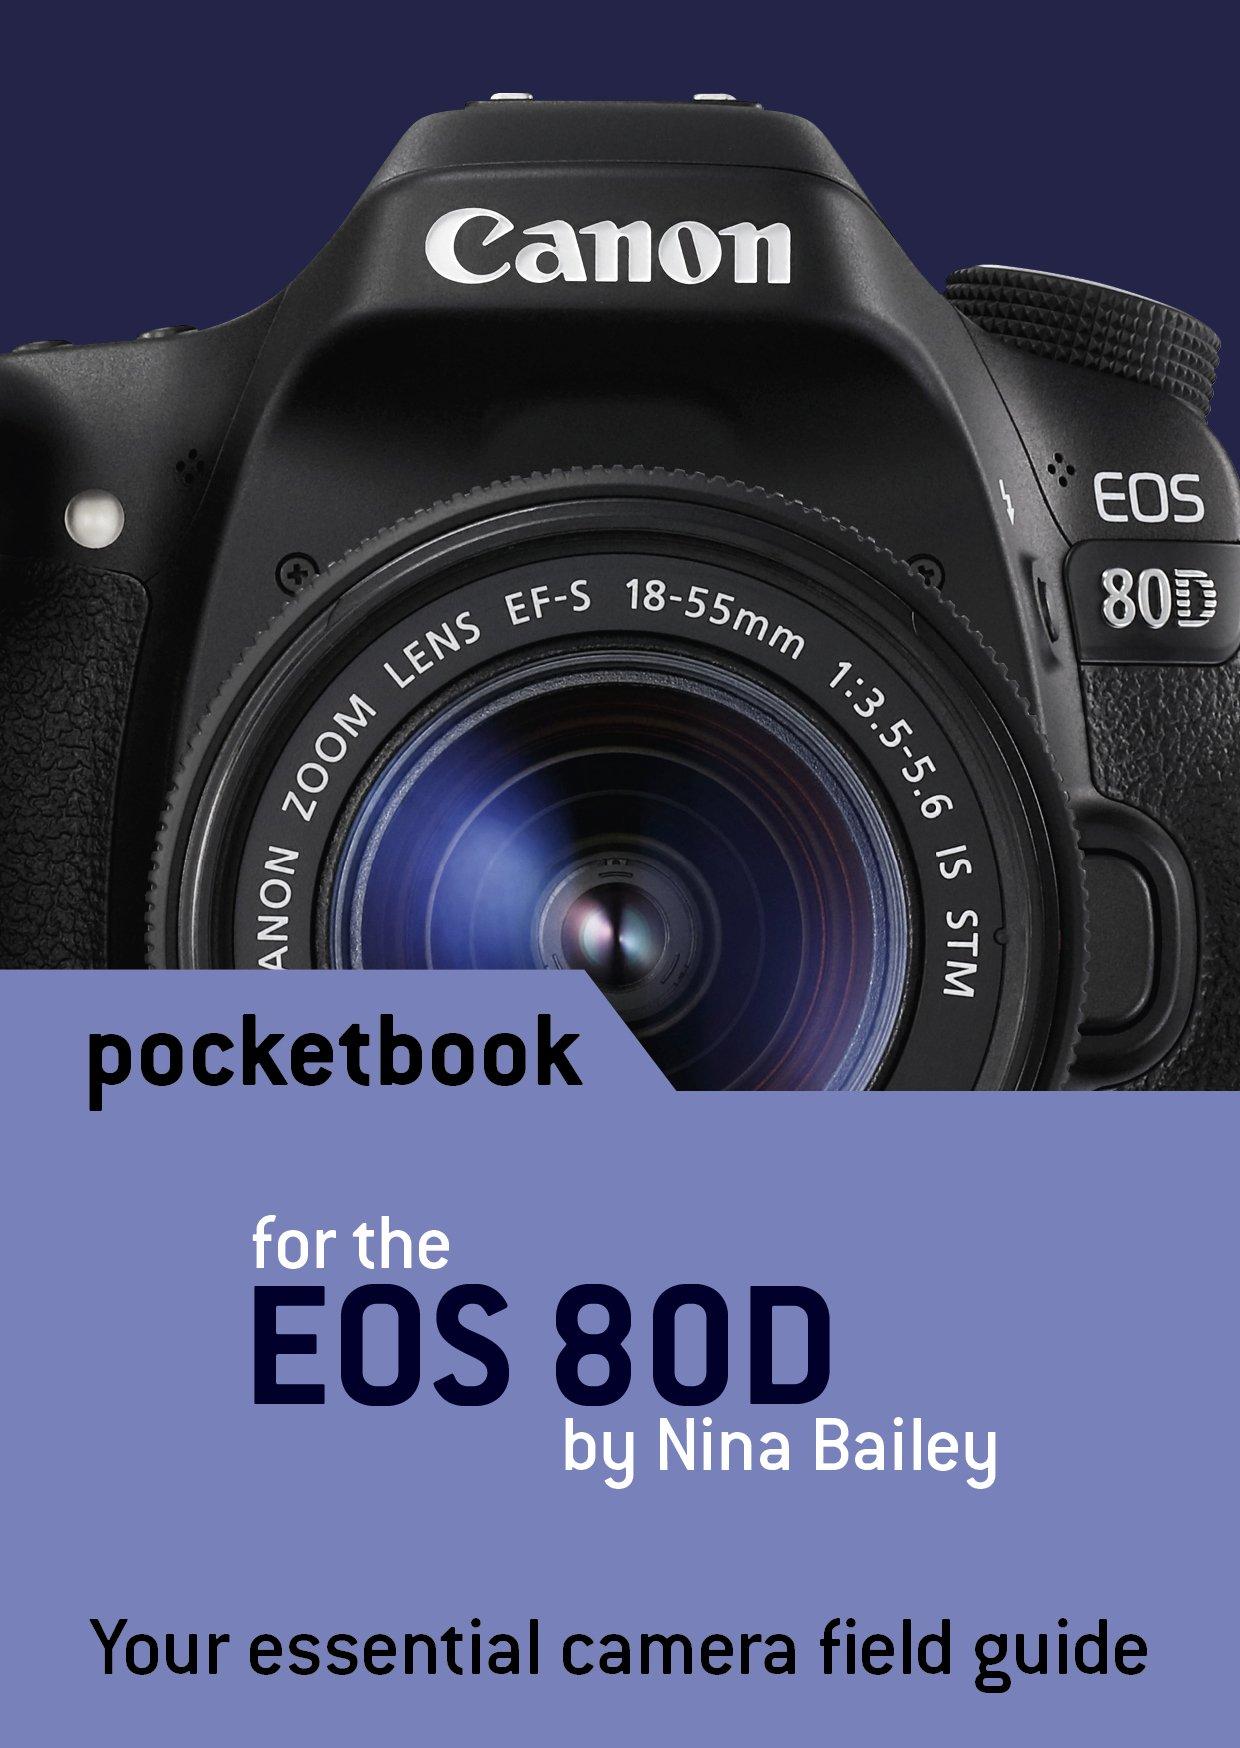 Canon EOS 80D Pocketbook: camera field guide: Amazon.es: Nina ...